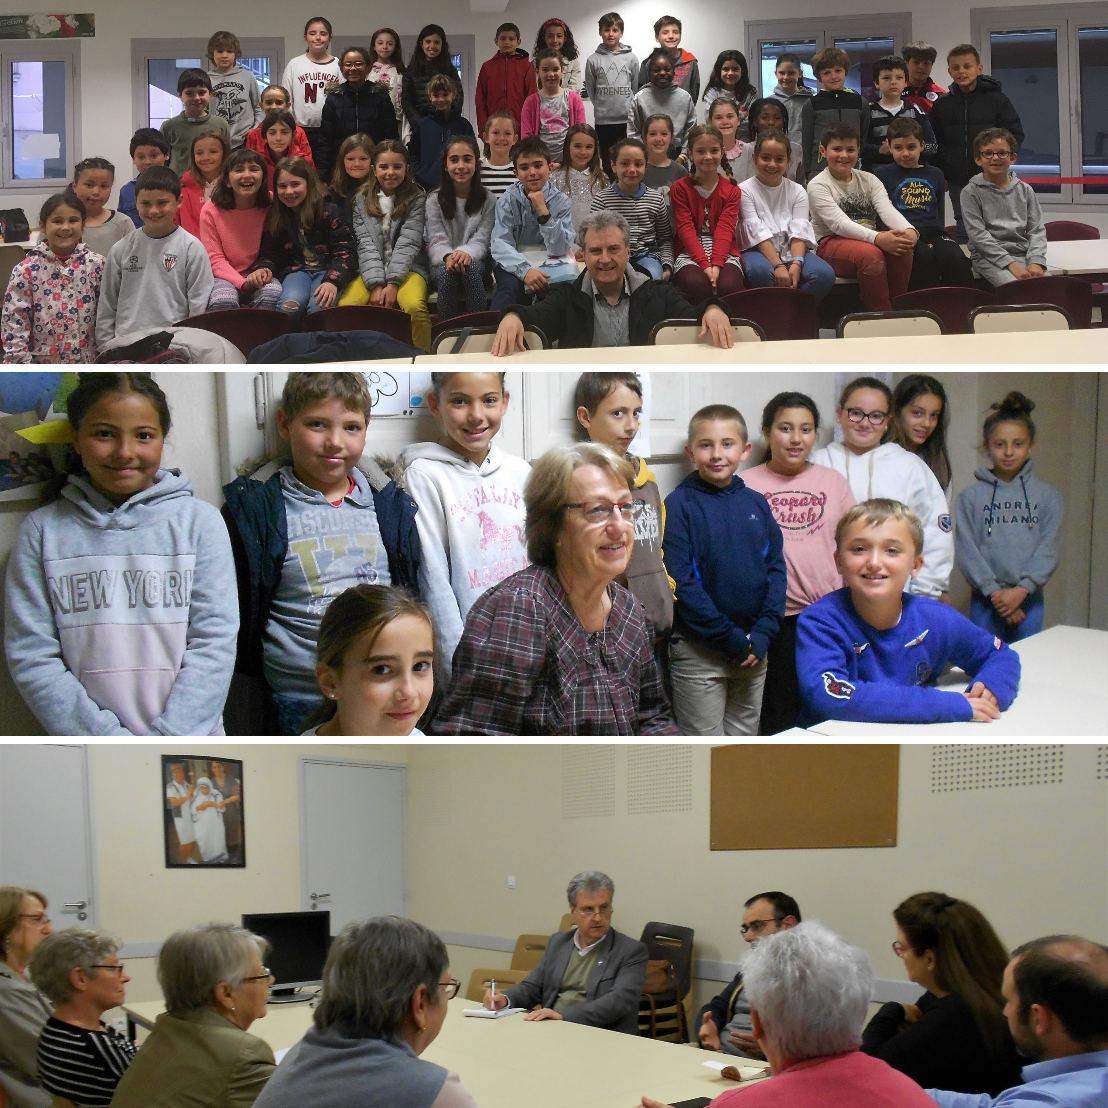 Le dernier jours du catéchisme pour les enfants - Bilan de l'année pour l'équipe de catéchèse – Première info pour les parents